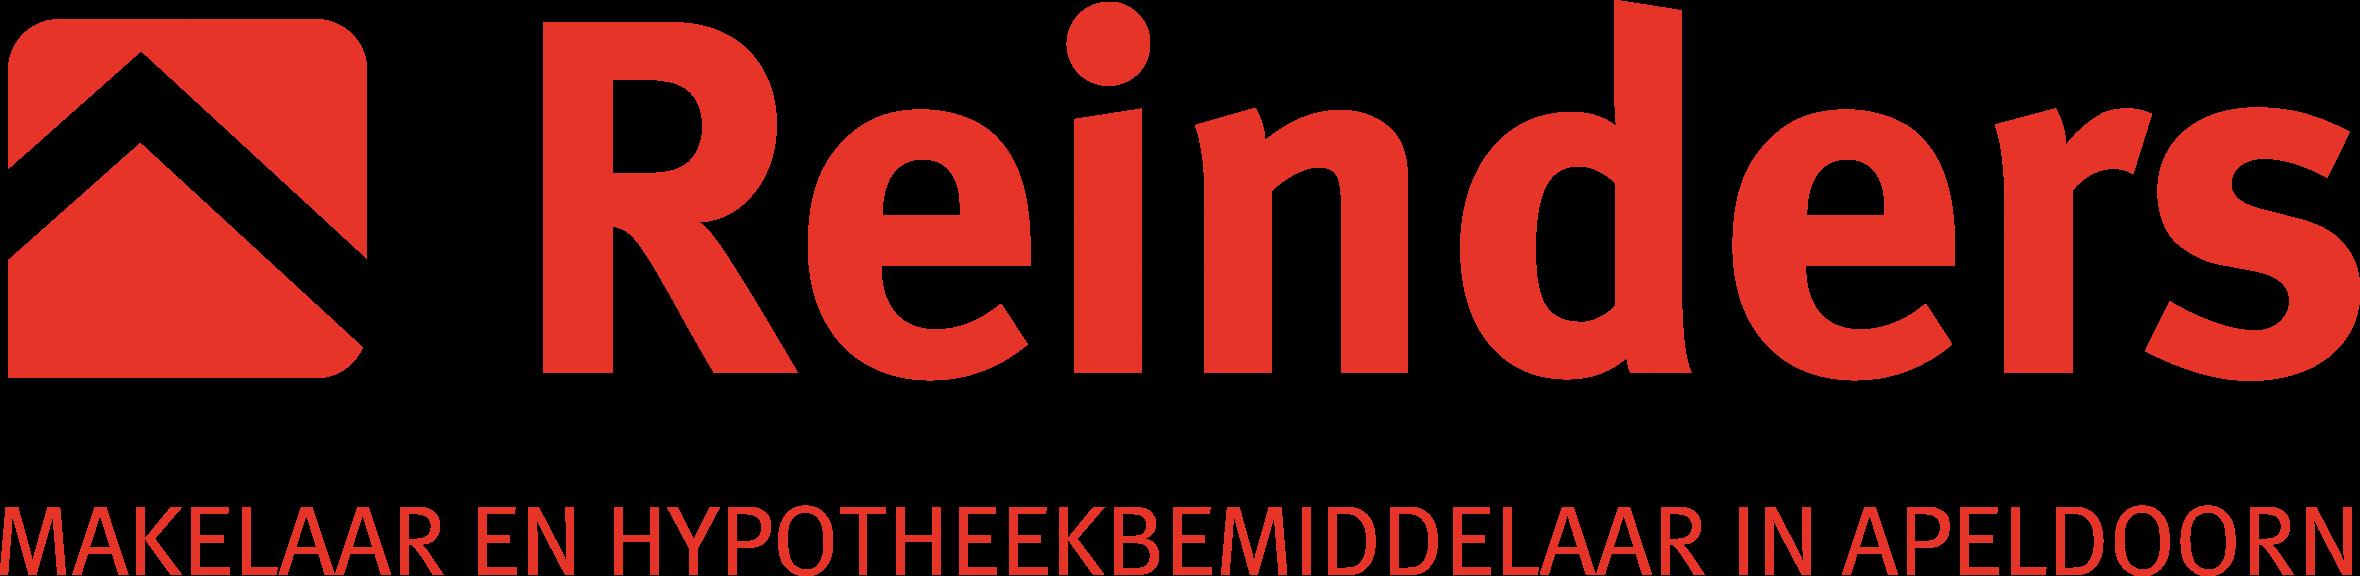 Logo Reinders Huizen en Hypotheken